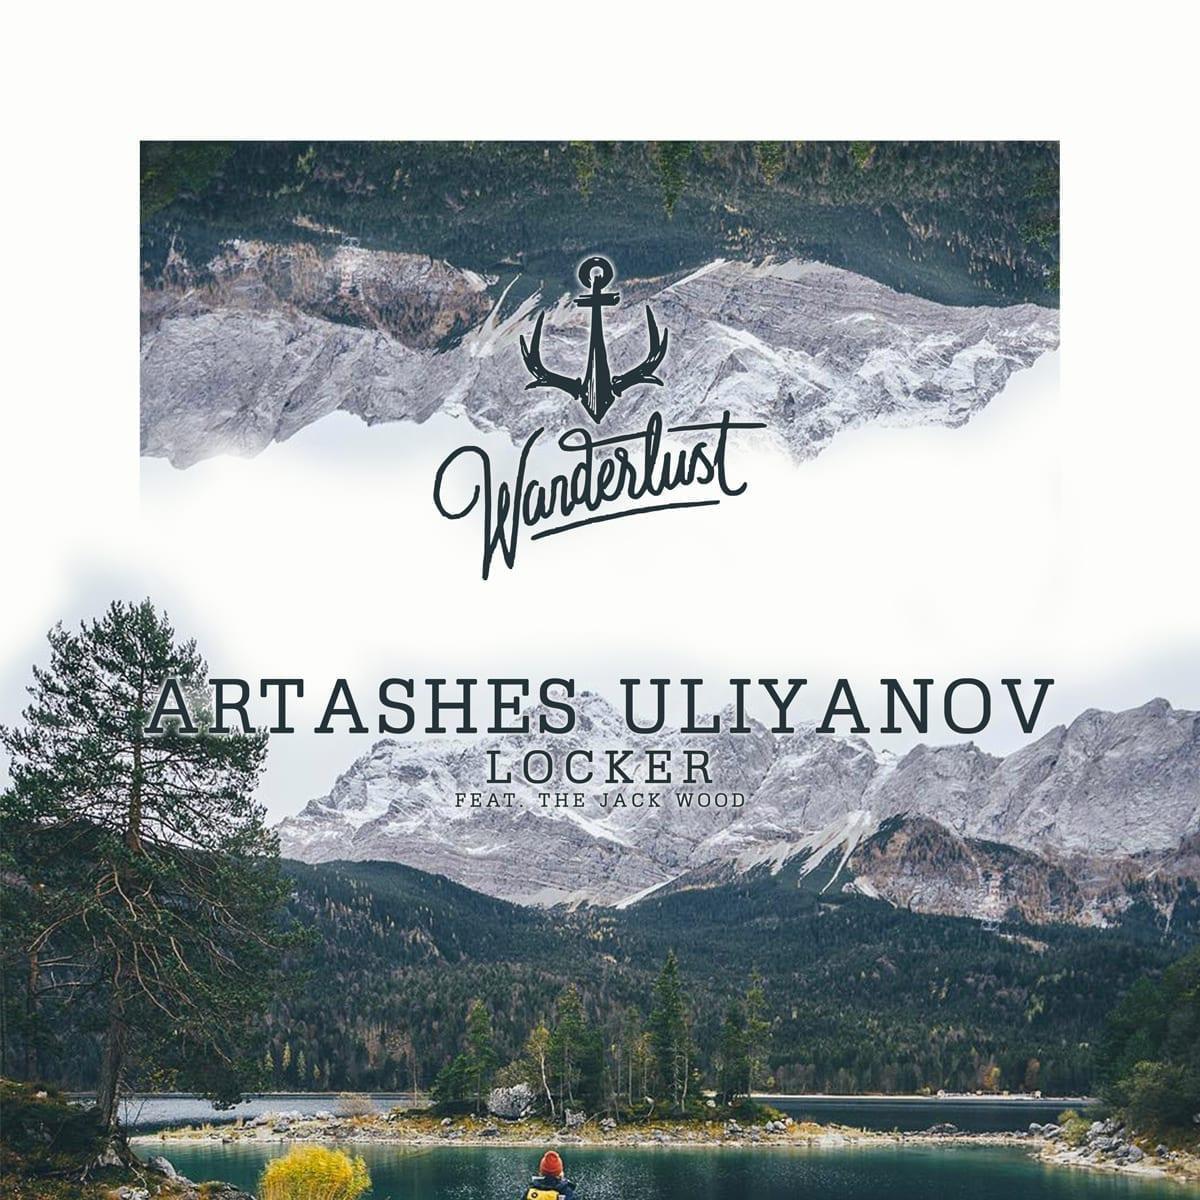 Artashes_Uliyanov_Locker